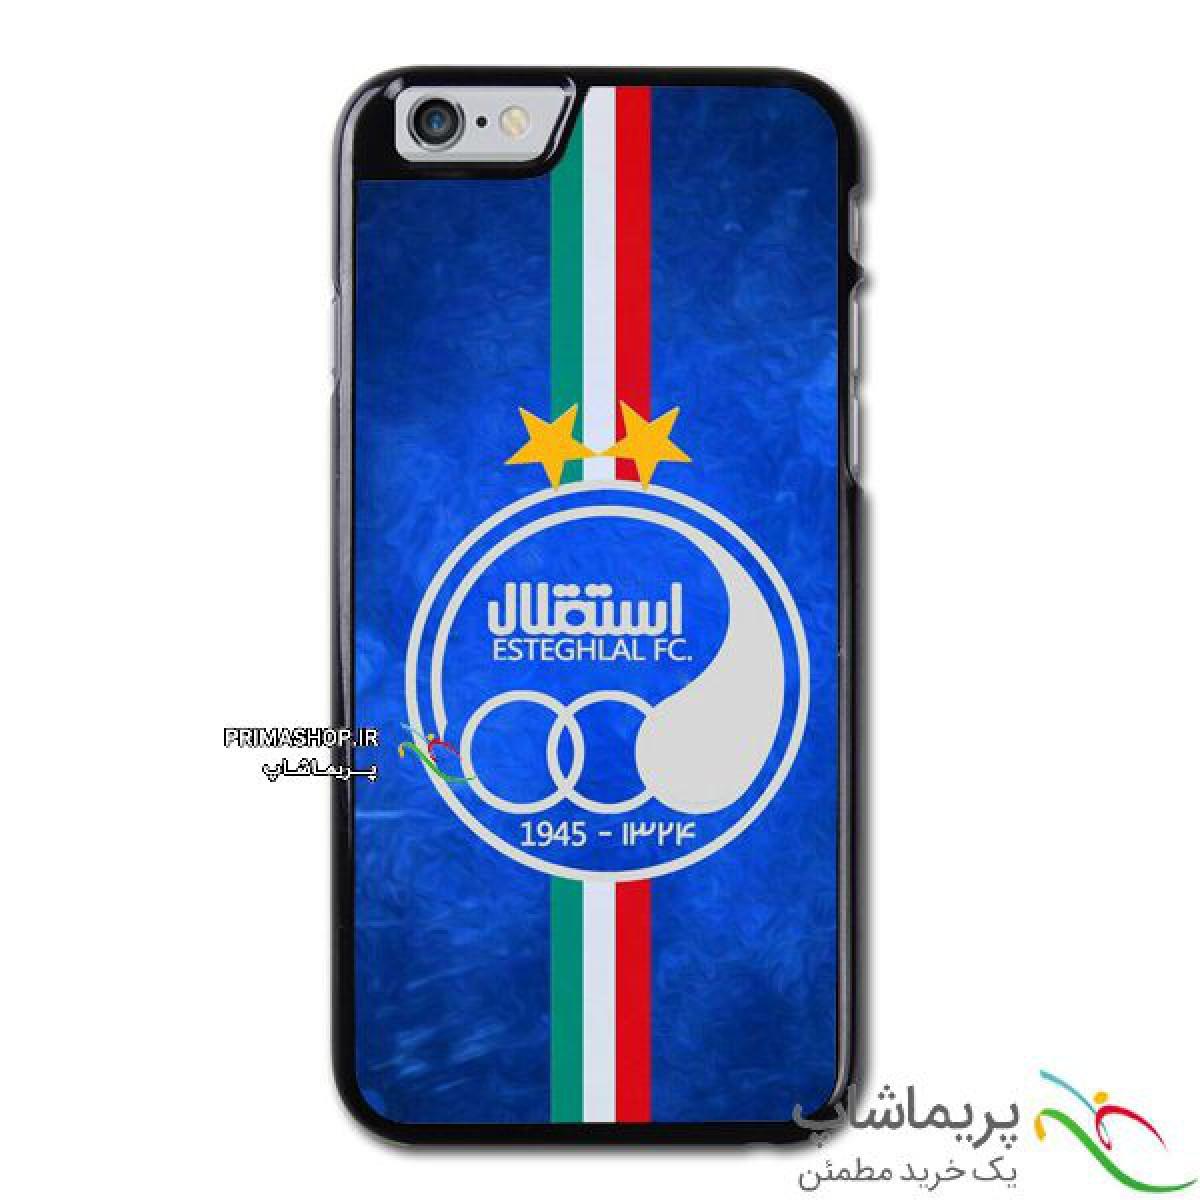 قاب موبایل استقلال طرح استقلال ایران